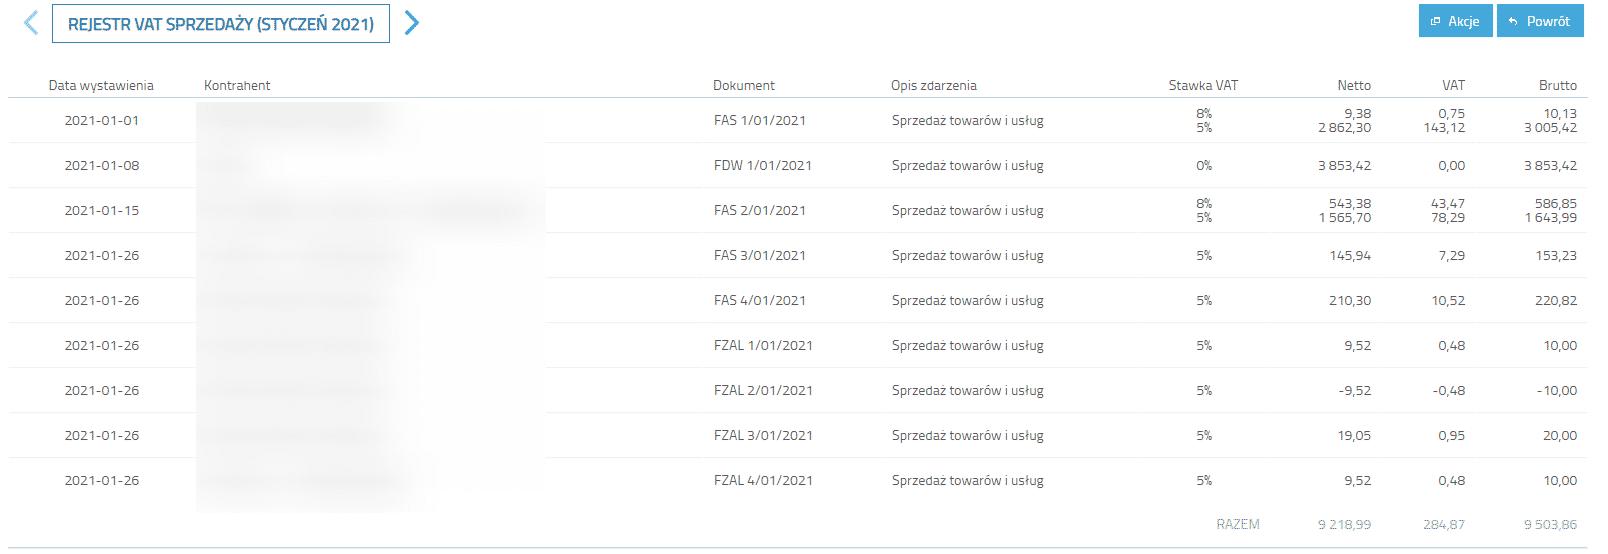 Lista dokumentów w miesiącu